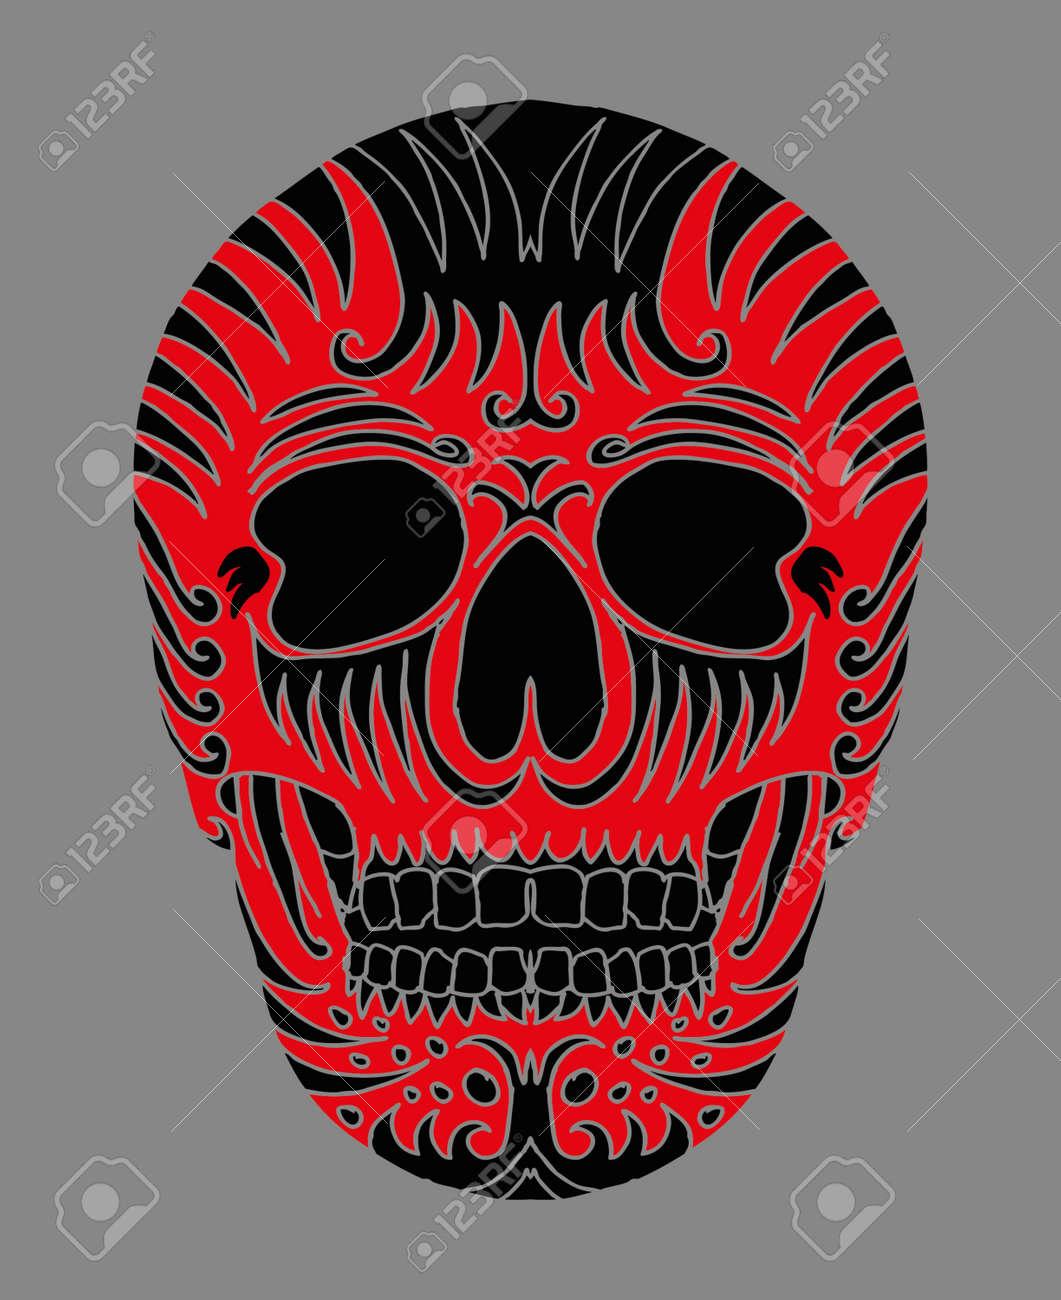 tattoo tribal mexican skull vector art Stock Vector - 19440456